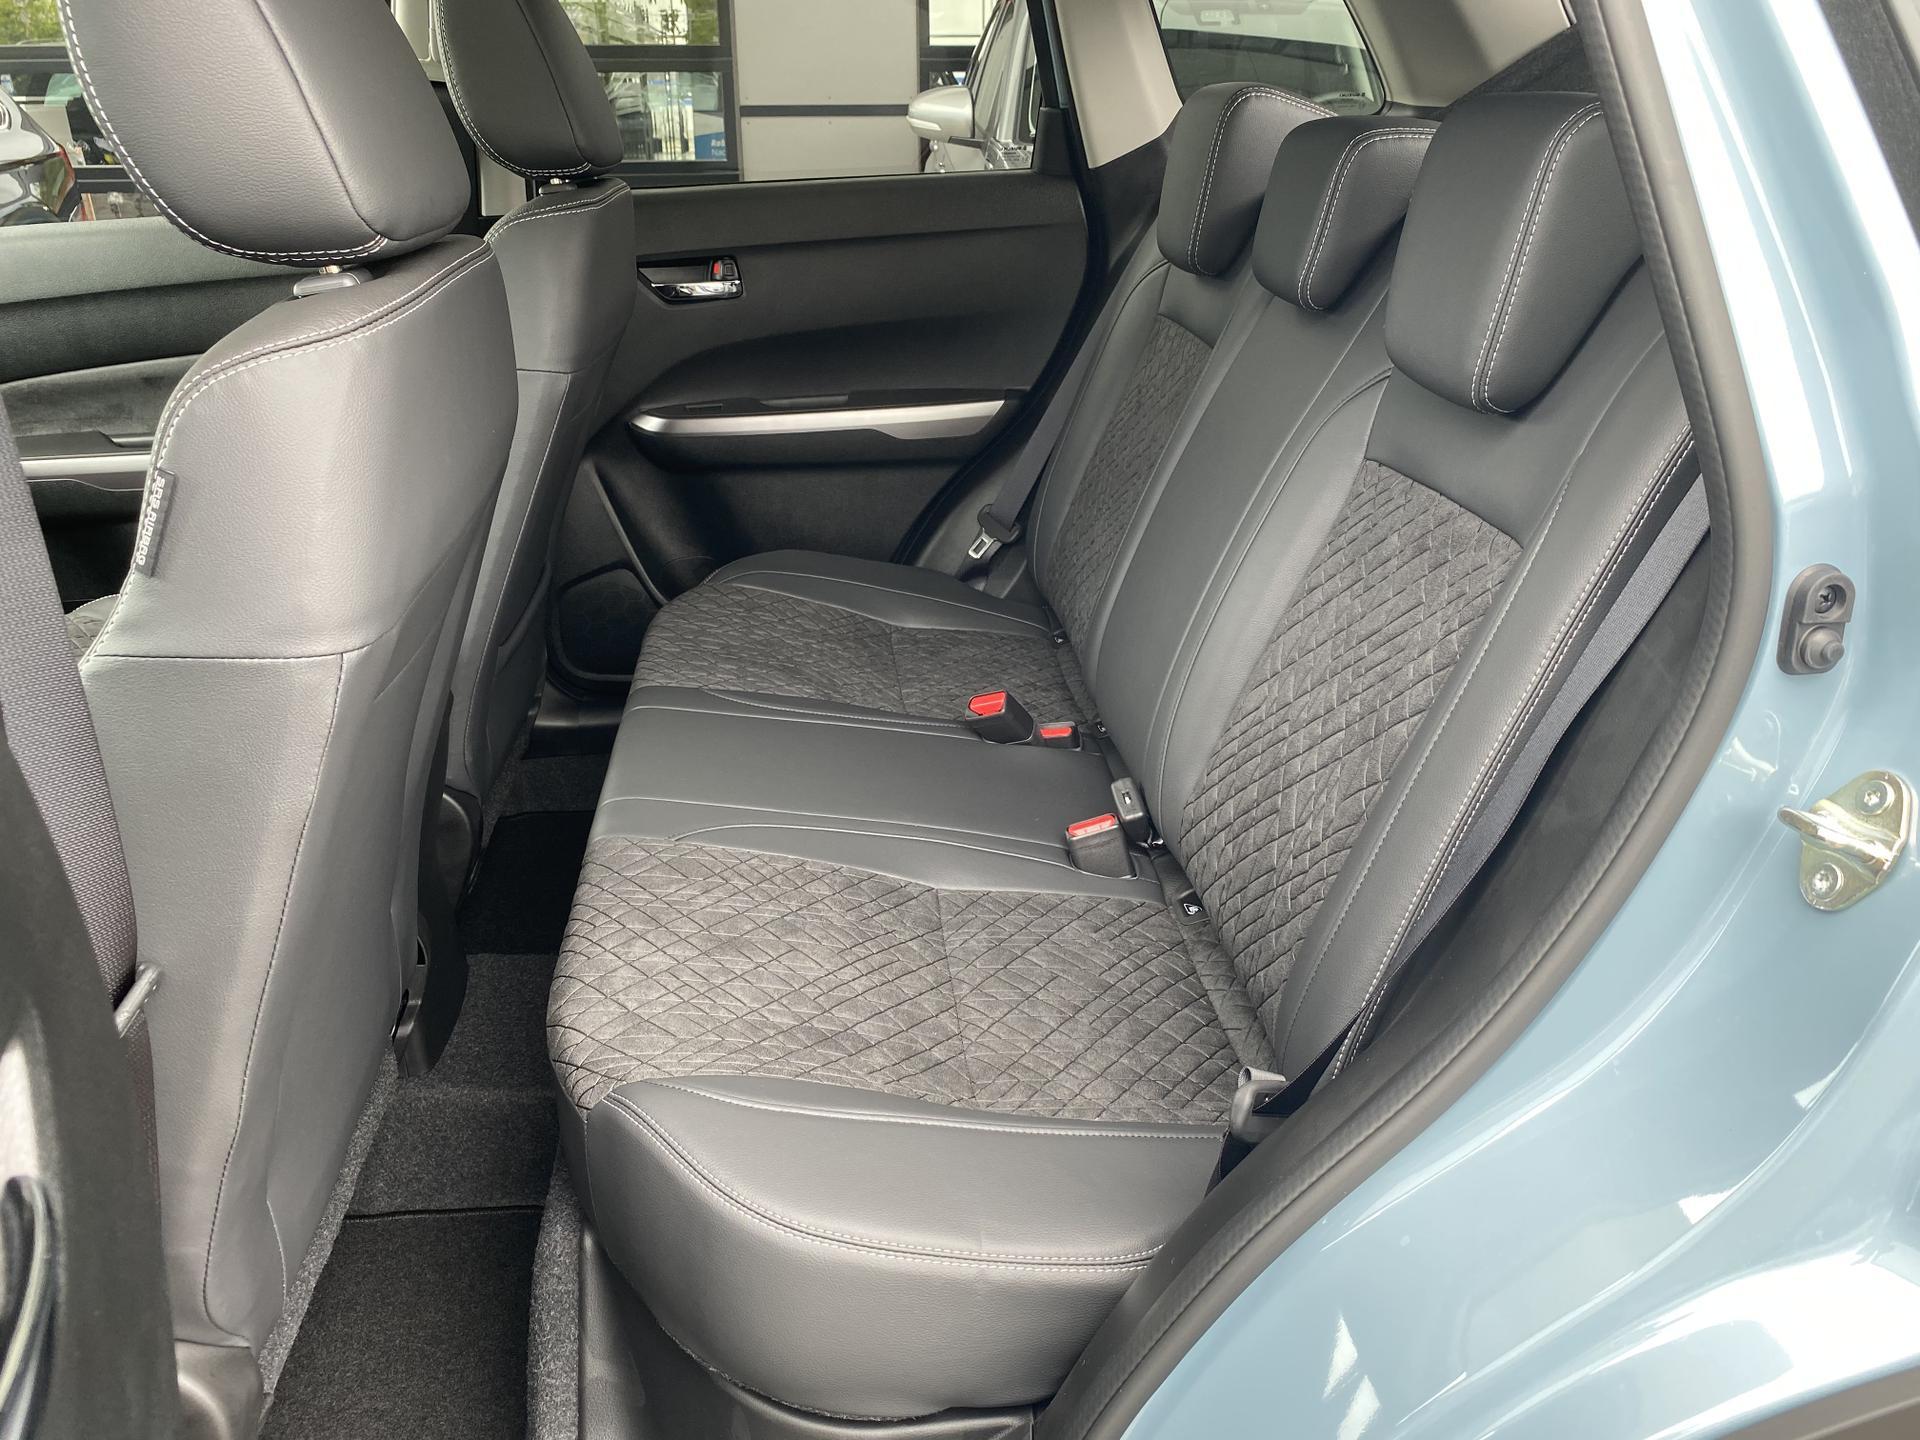 Fahrbericht Suzuki Vitara (1,4 BOOSTERJET Mild-Hybrid Allgrip im Test)